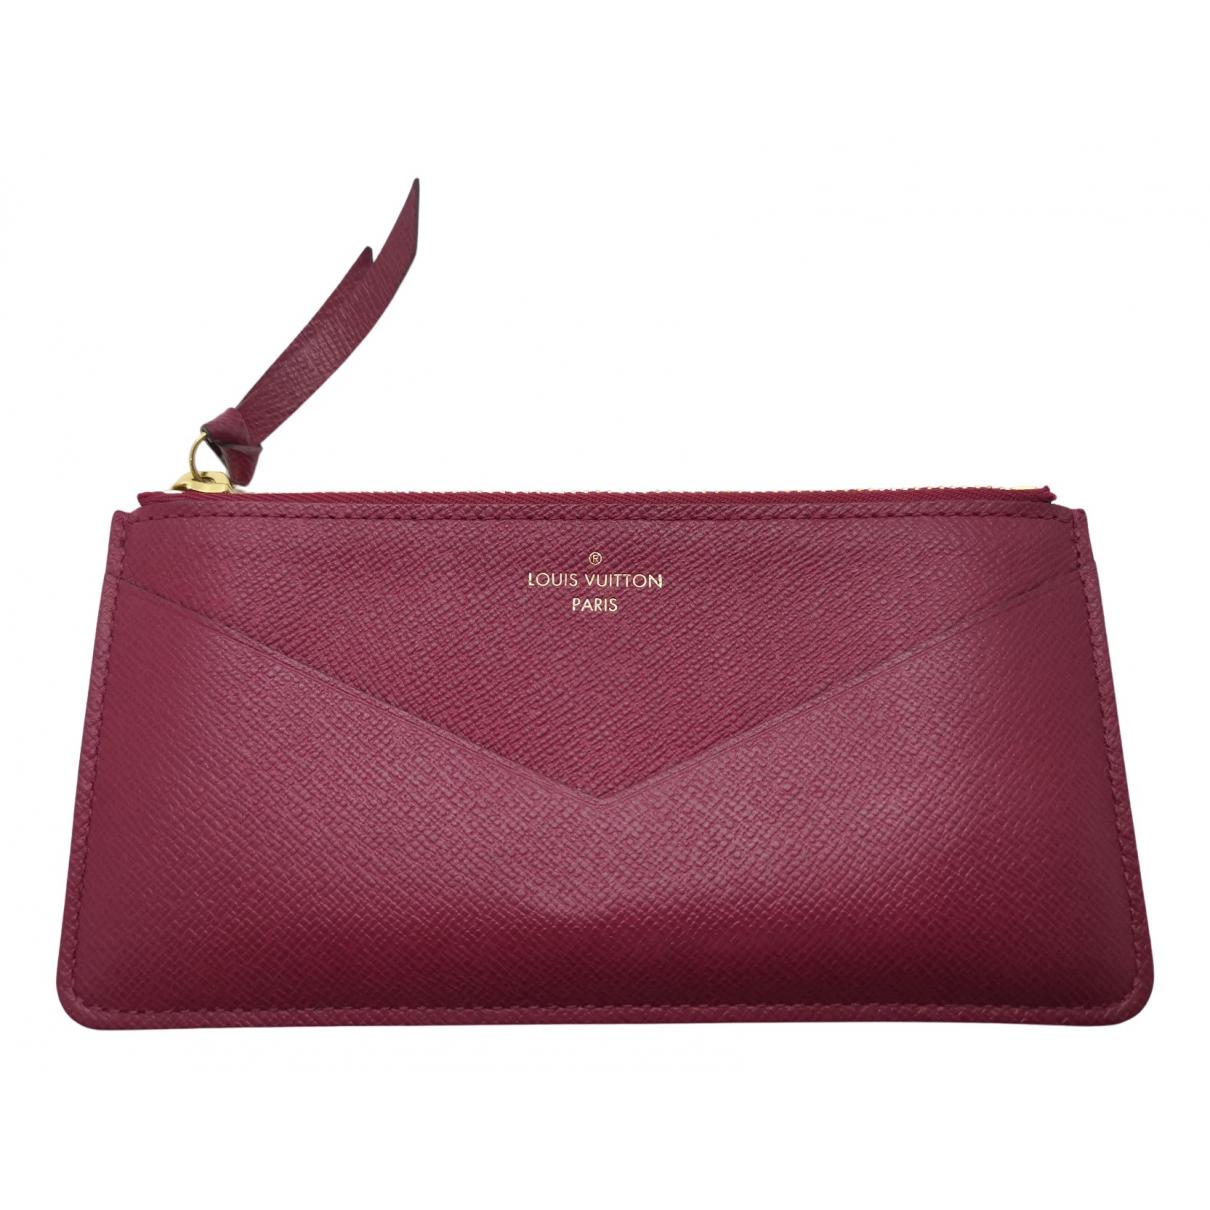 Louis Vuitton - Portefeuille Adele pour femme en cuir - rose